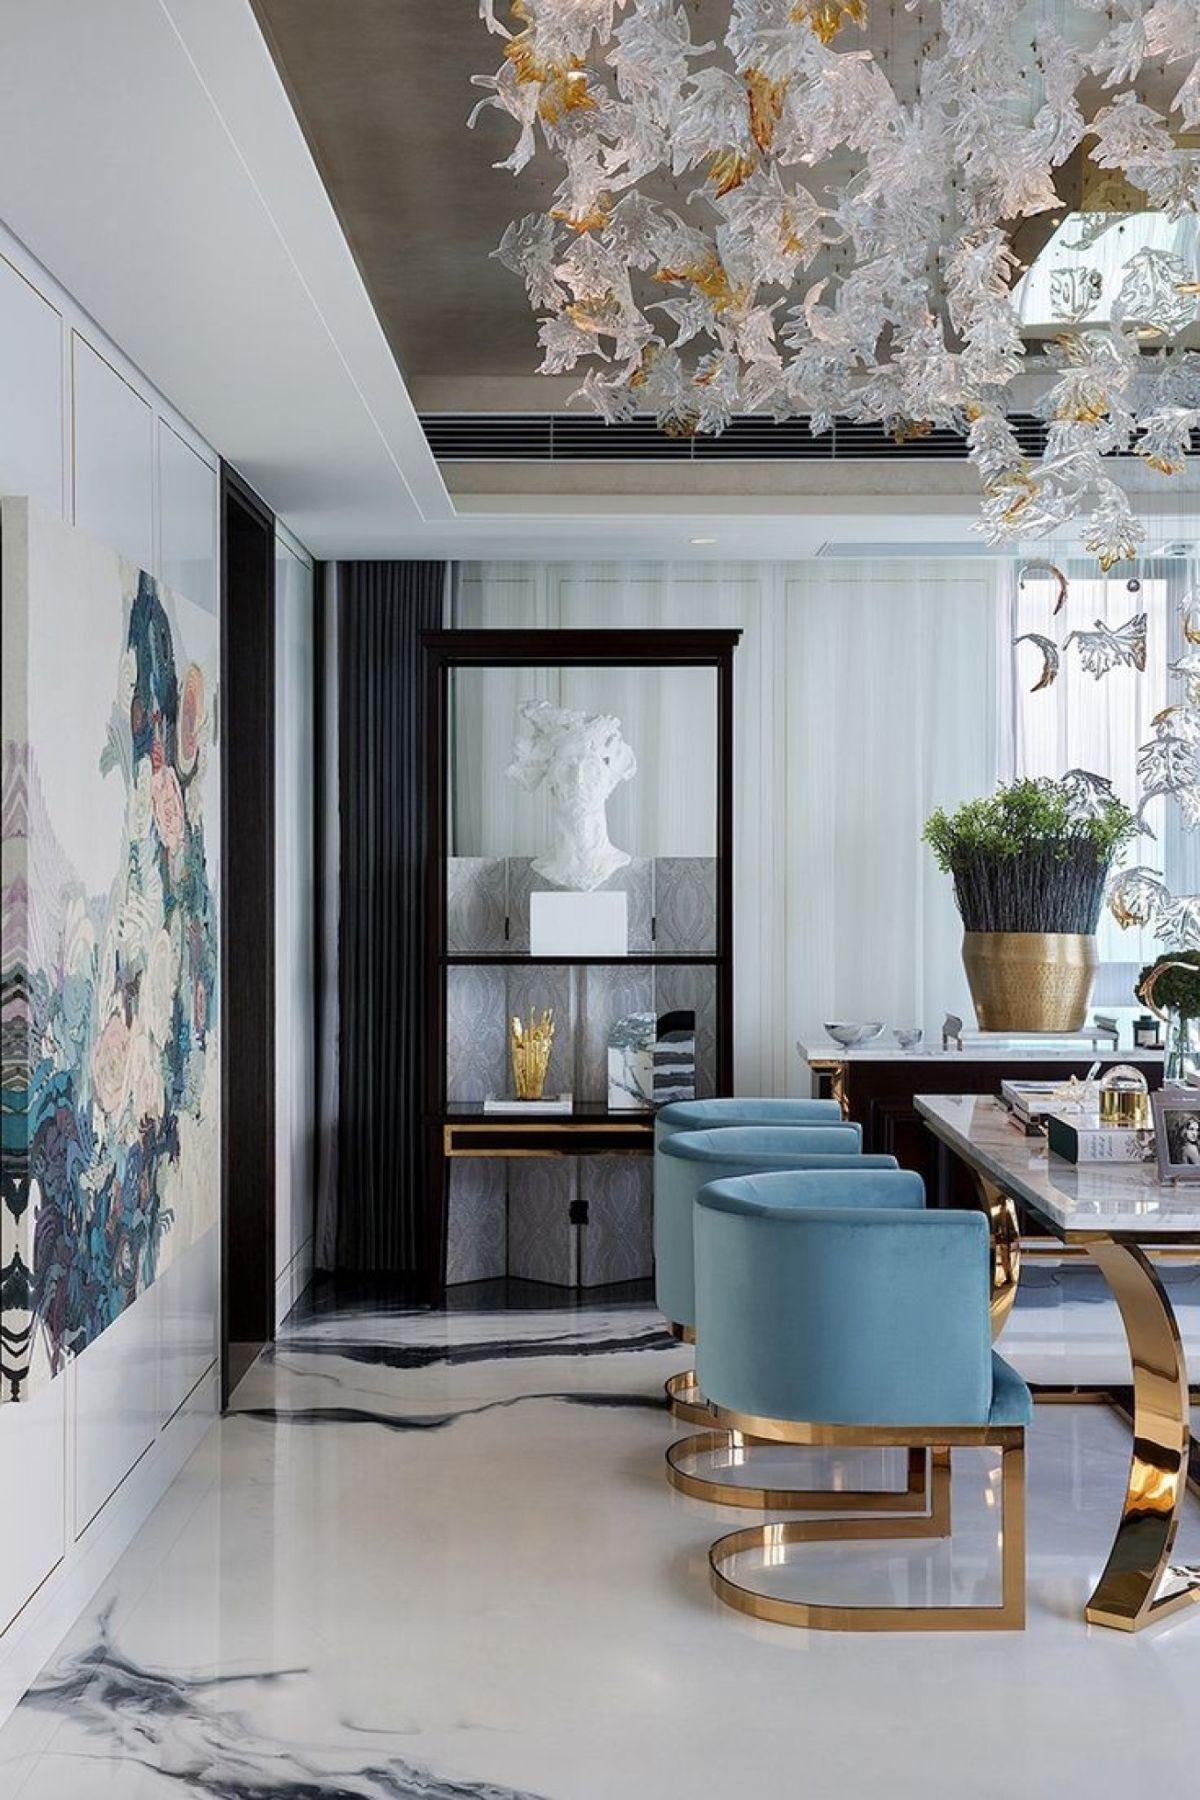 роскошный интерьер в стиле модерн интересный дизайн стульев